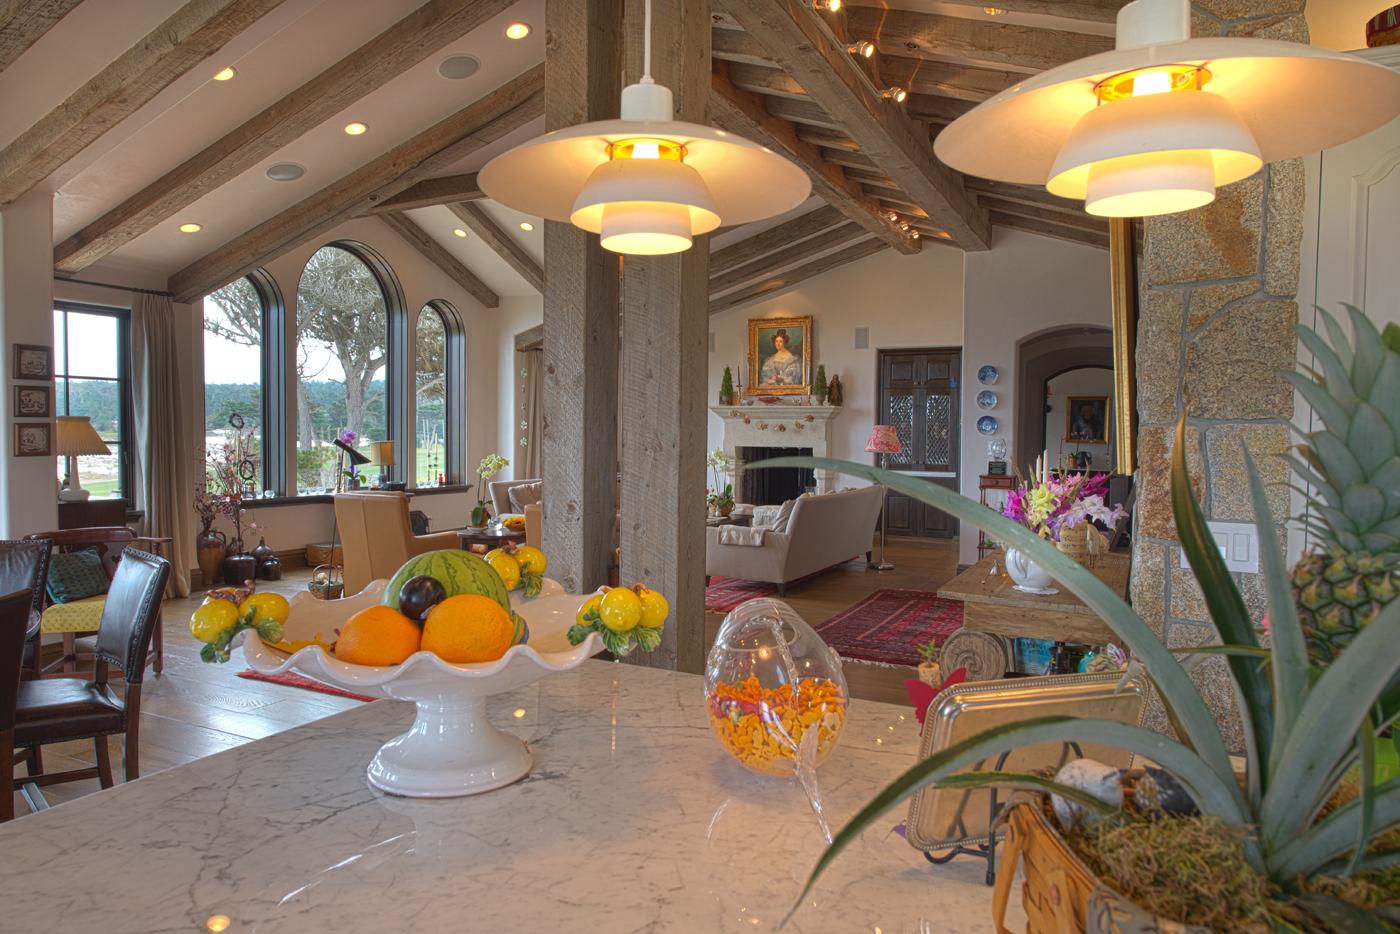 Posey Residence - 4 Living Room 2.jpg